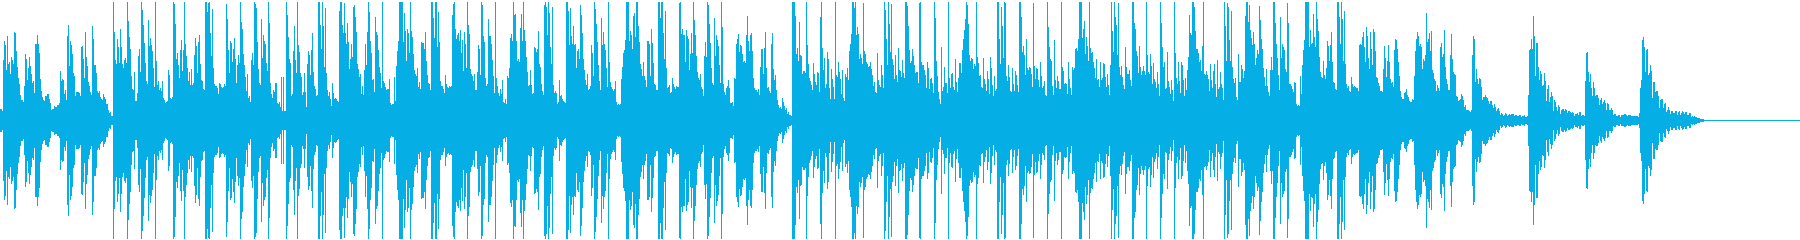 チルなイメージのゆったりなインスト楽曲の再生済みの波形